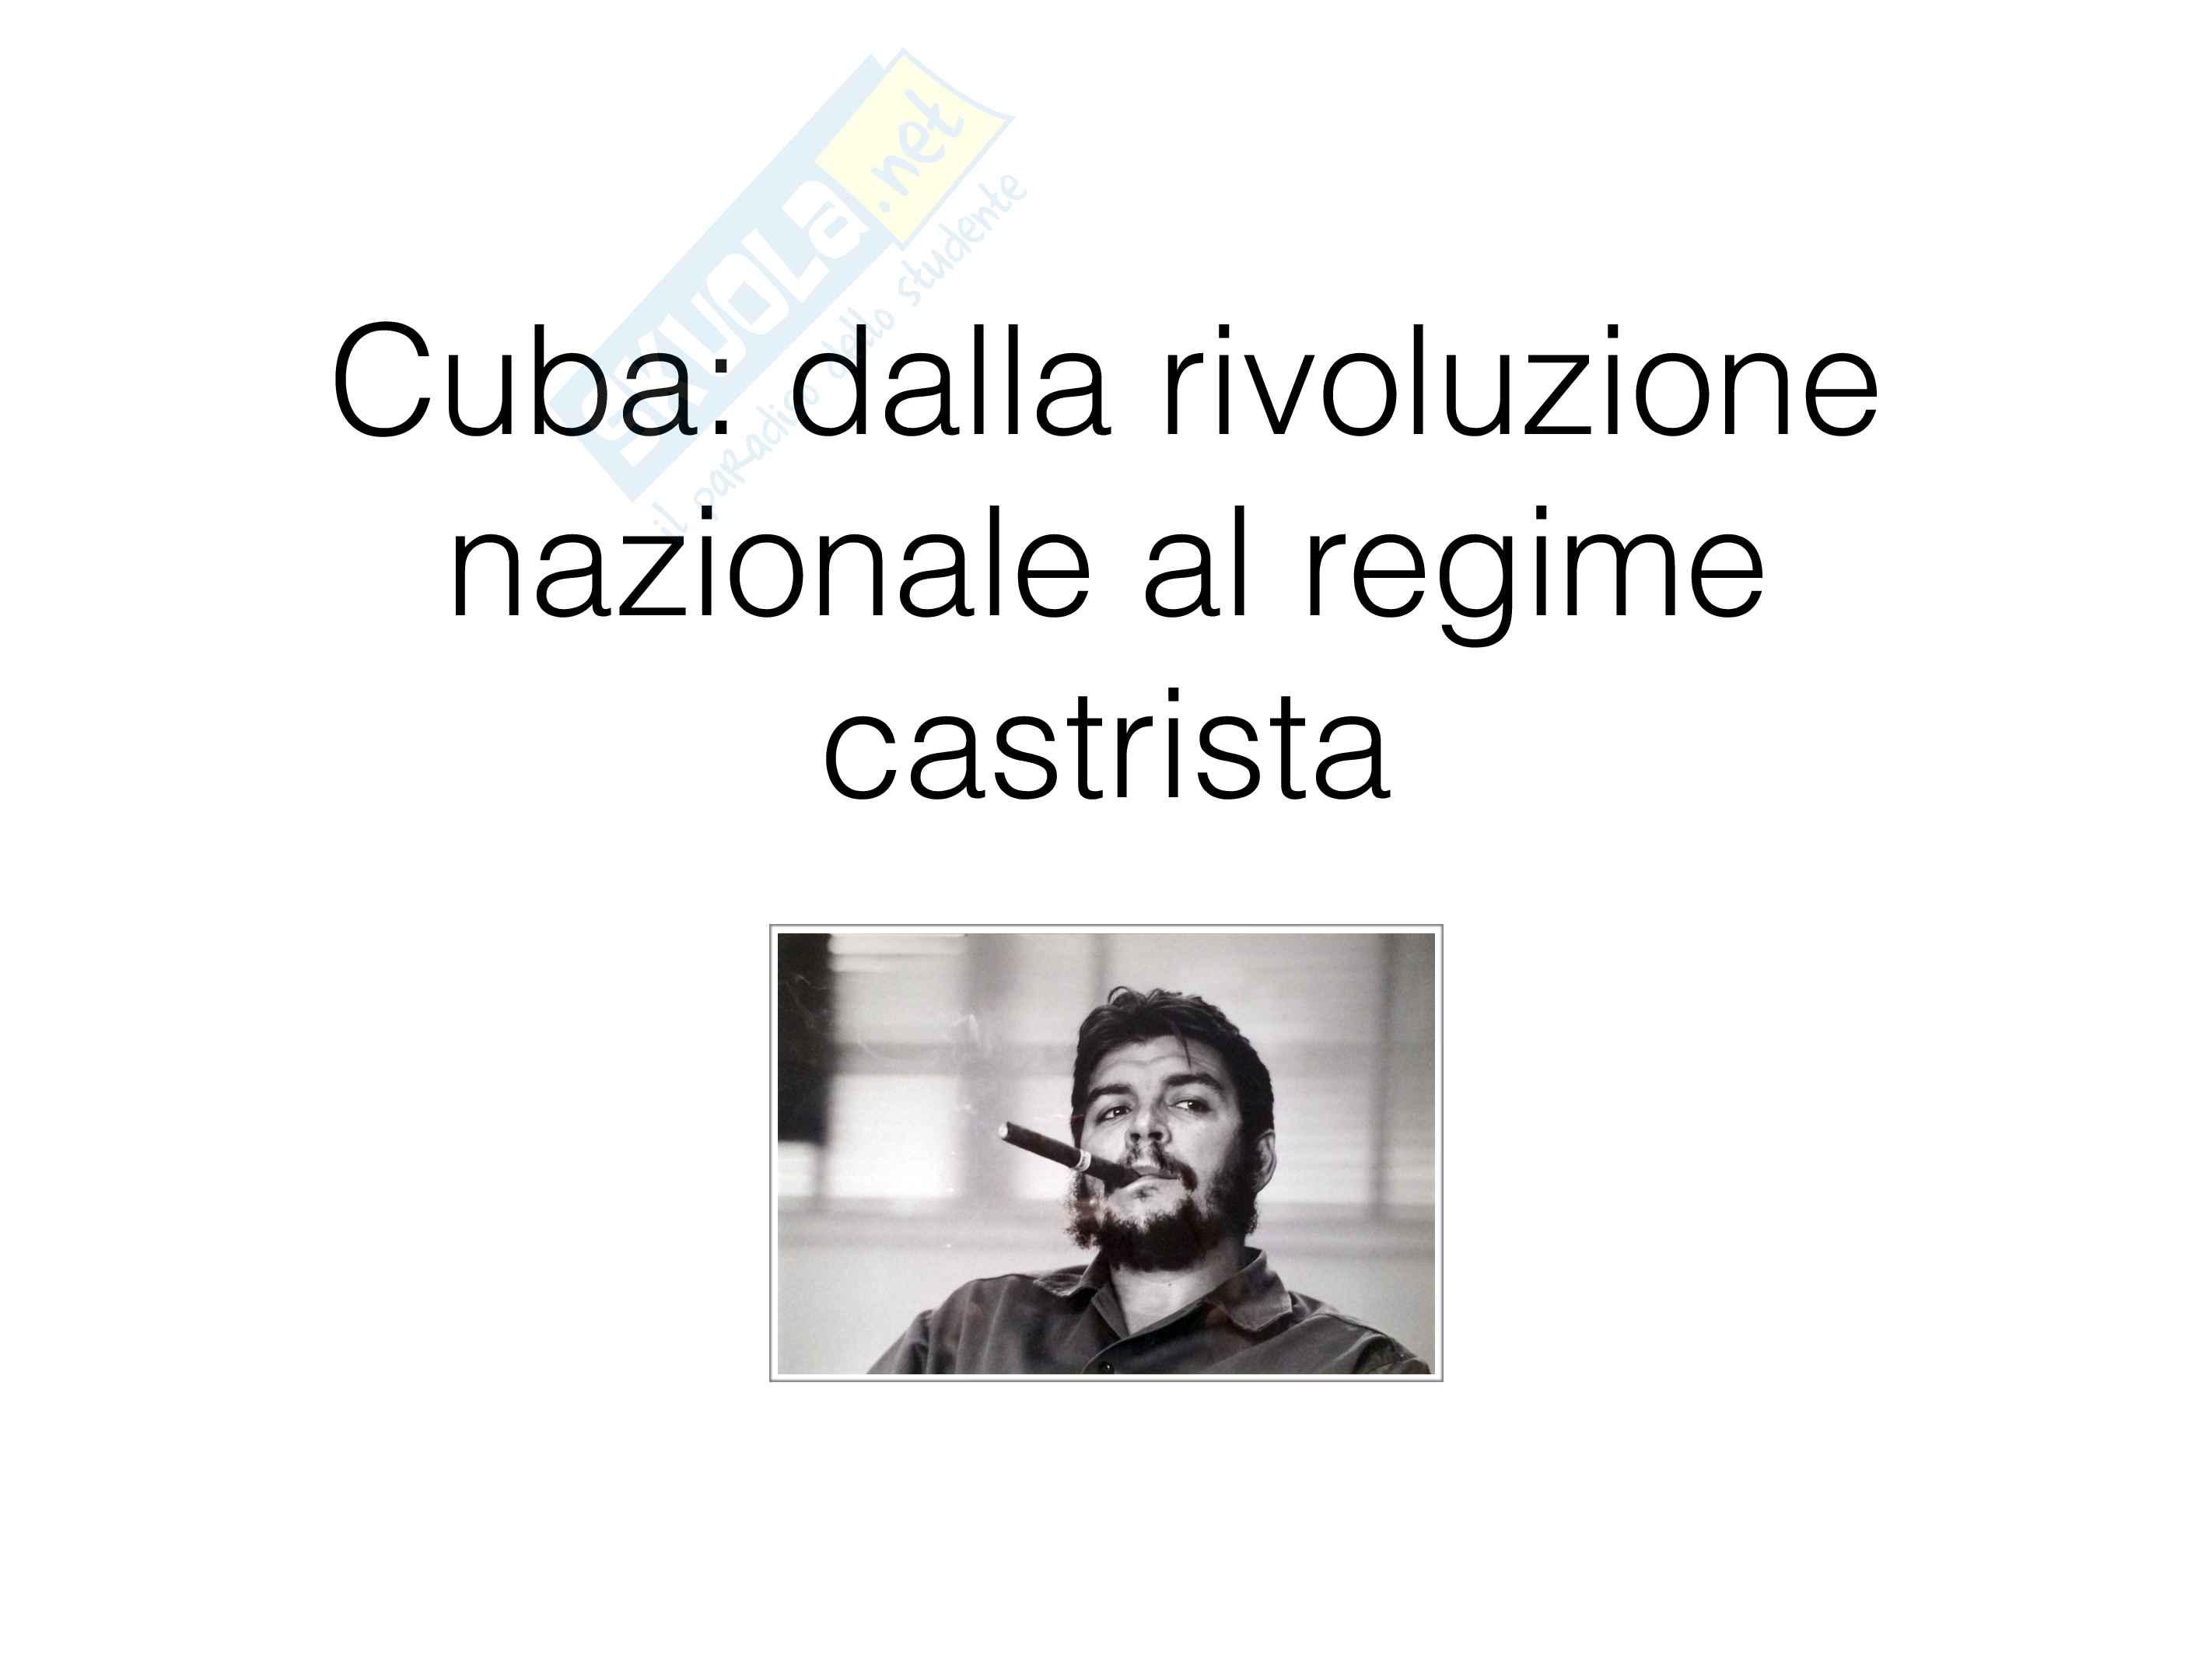 La rivoluzione cubana - riassunto storia contemporanea